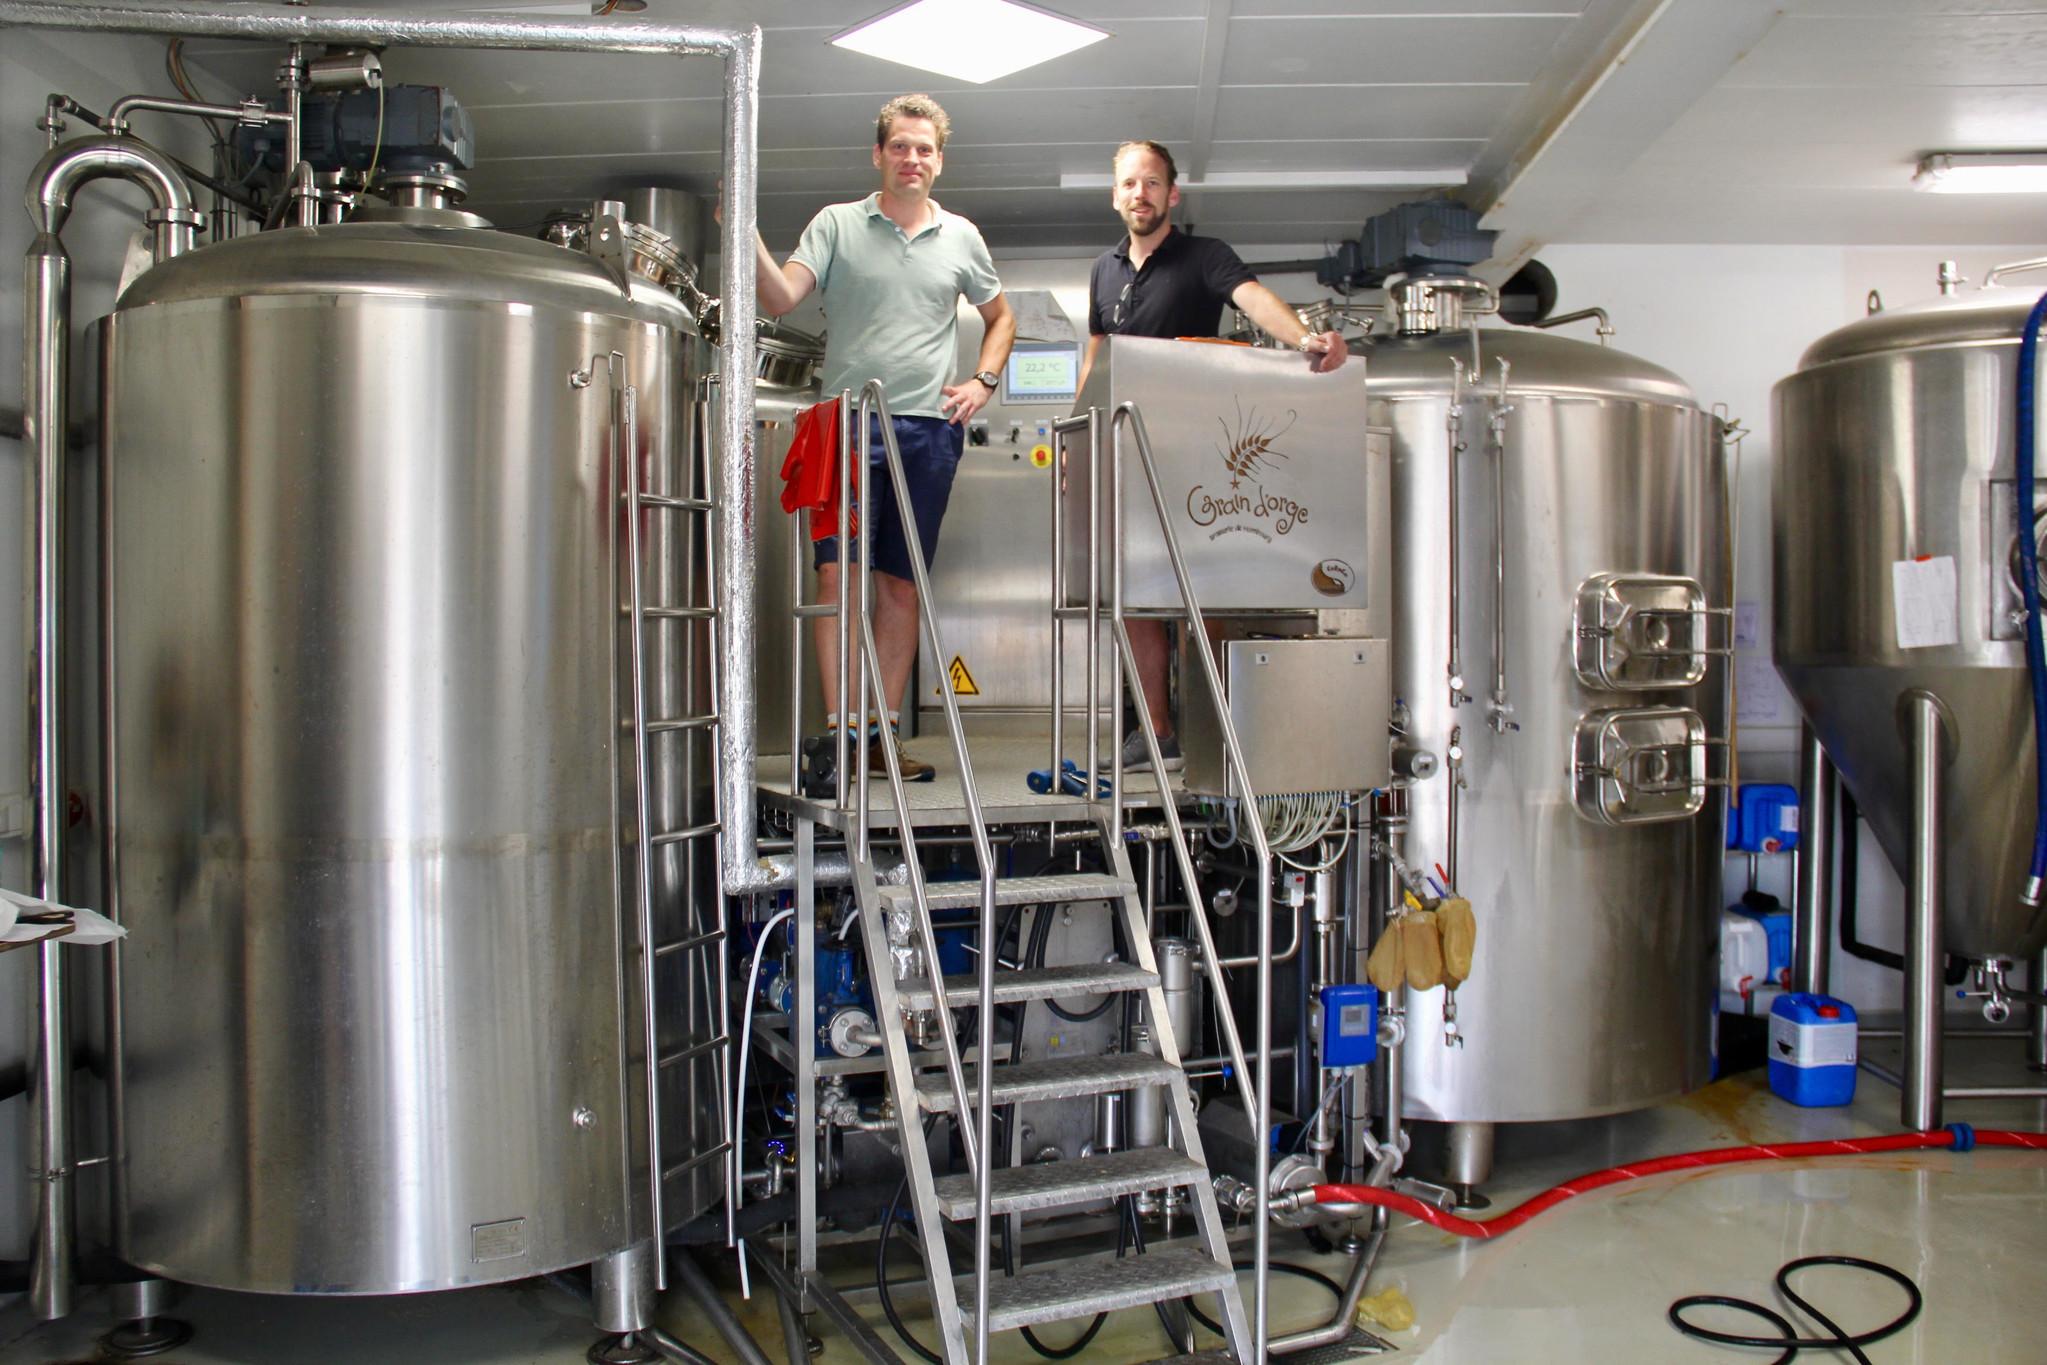 Van Hoppen Bierbrouwerij